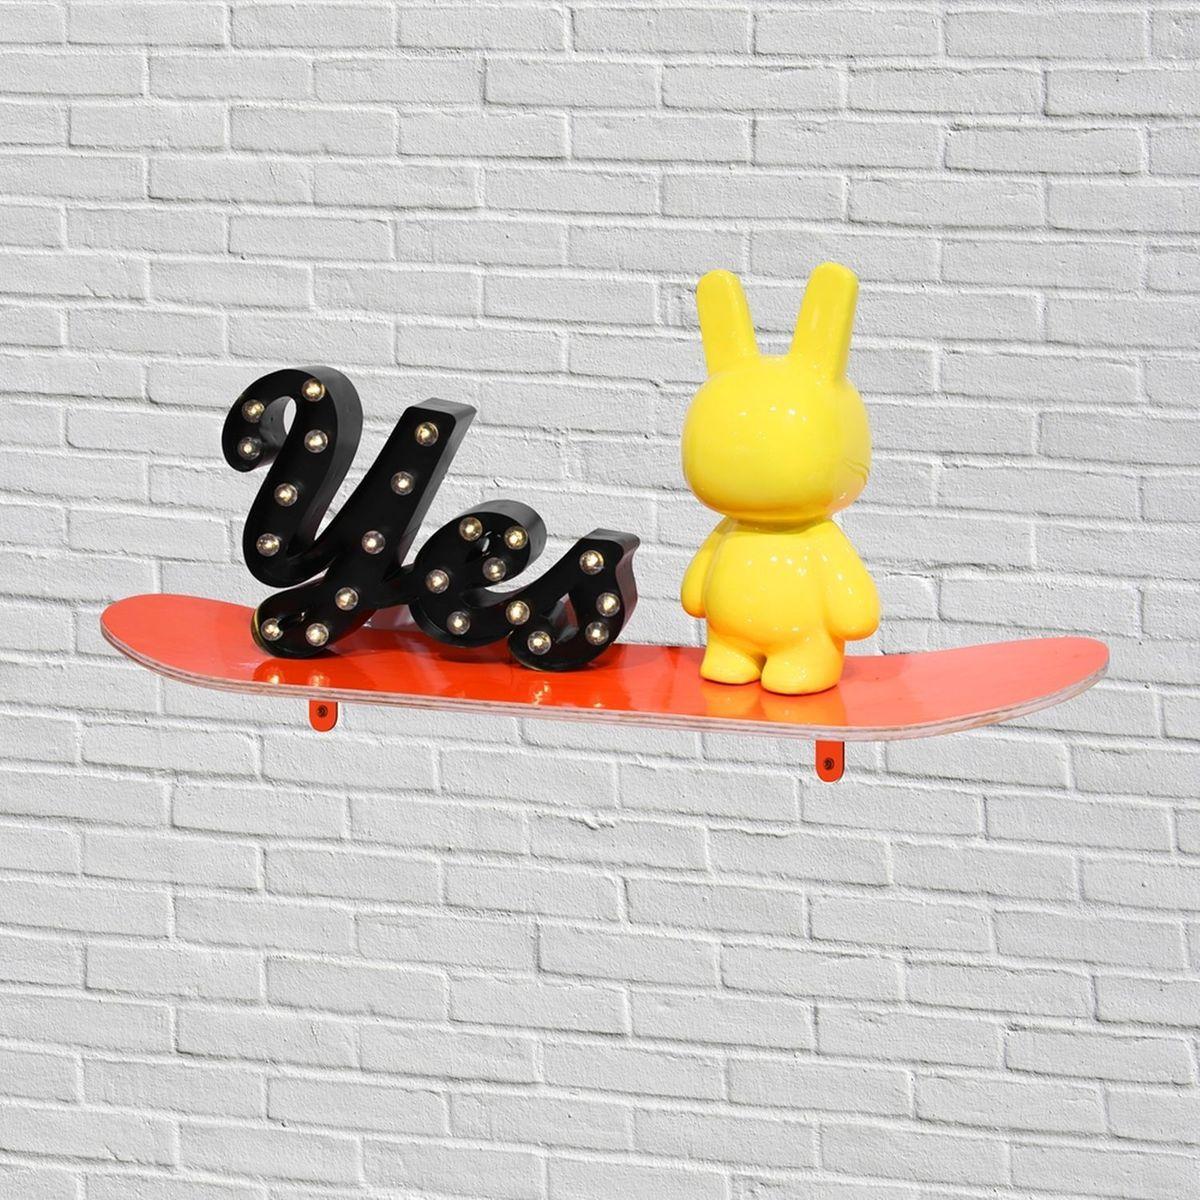 2 x Filtre éponge Filtre Sponge Fein//grossièrement pompes à chaleur sèche-linge Miele 09499230